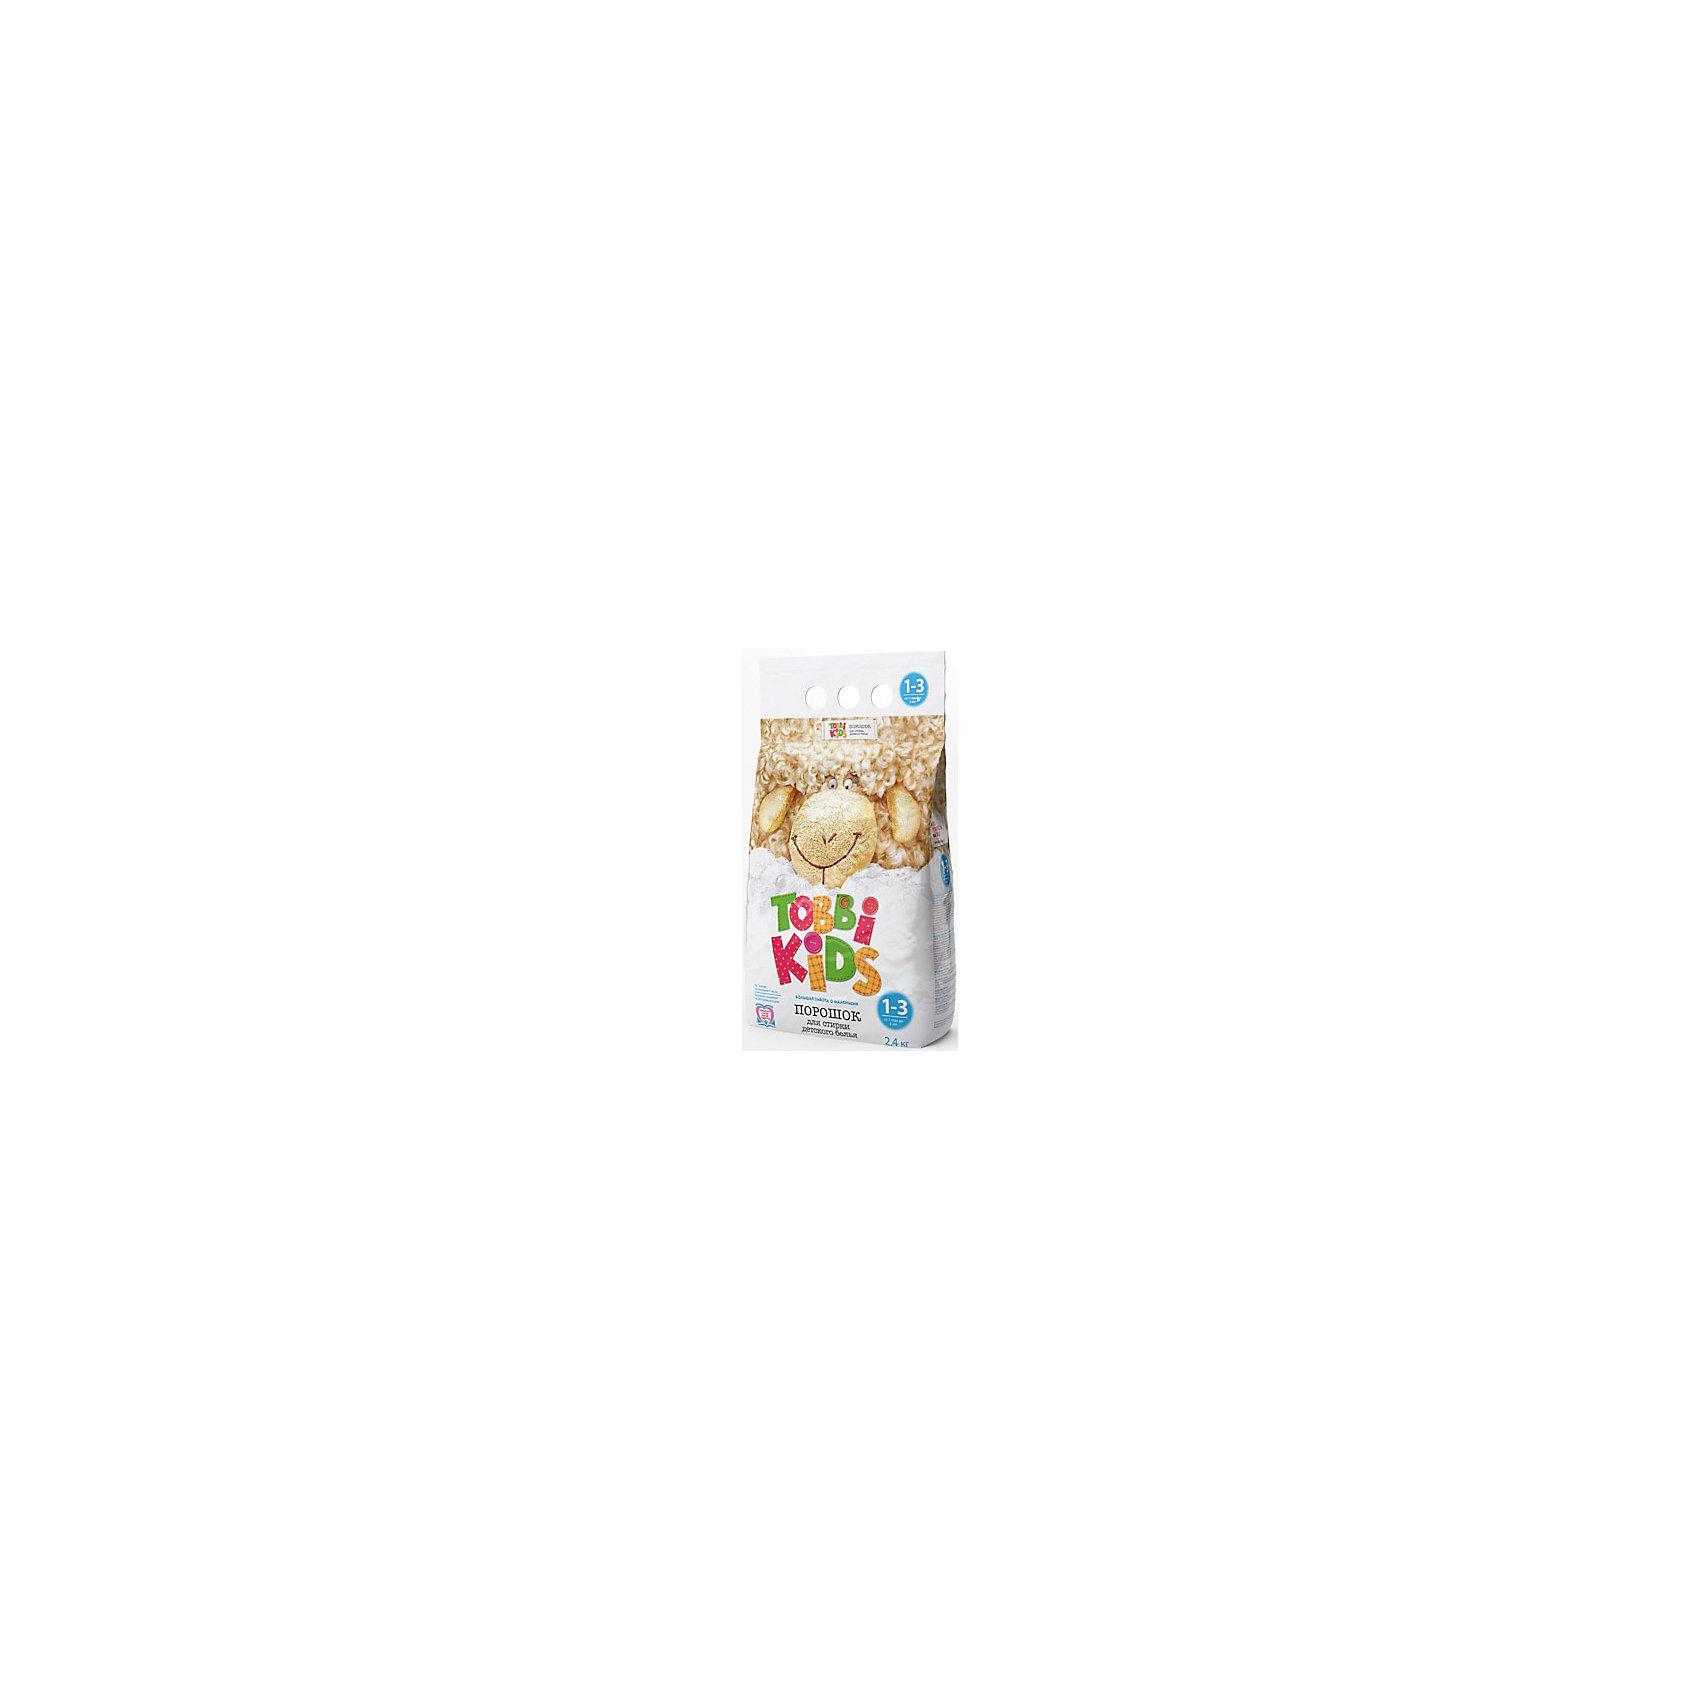 Стиральный порошок 1-3 года, Tobbi Kids, 2400гр.